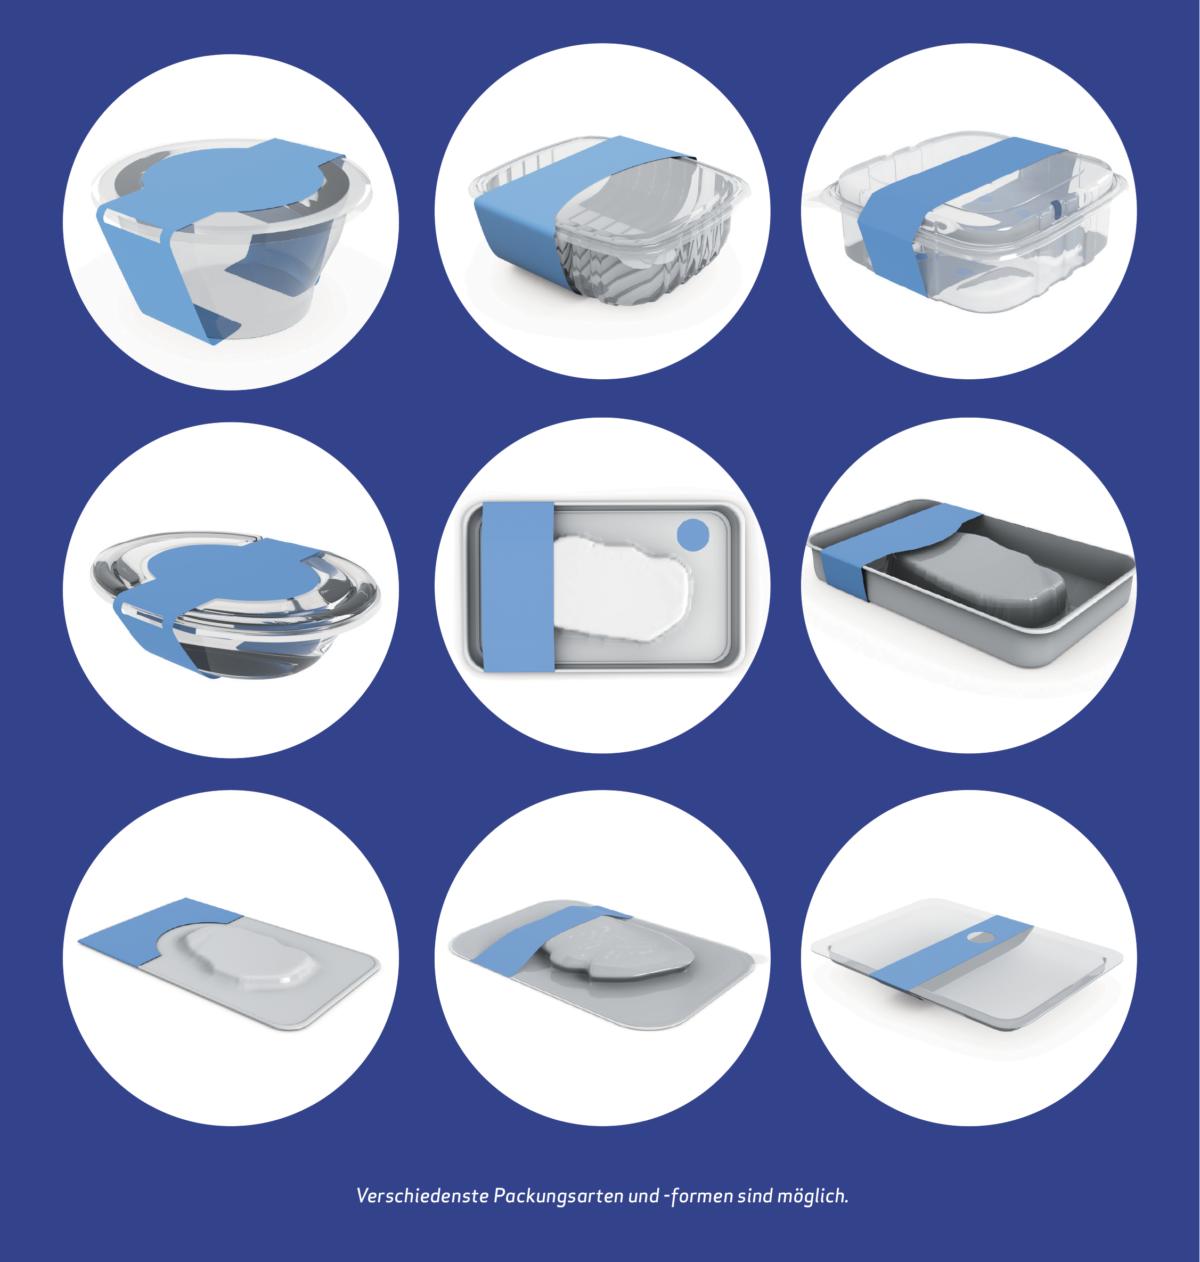 Verschiedenste Packungsarten und -formen sind möglich.